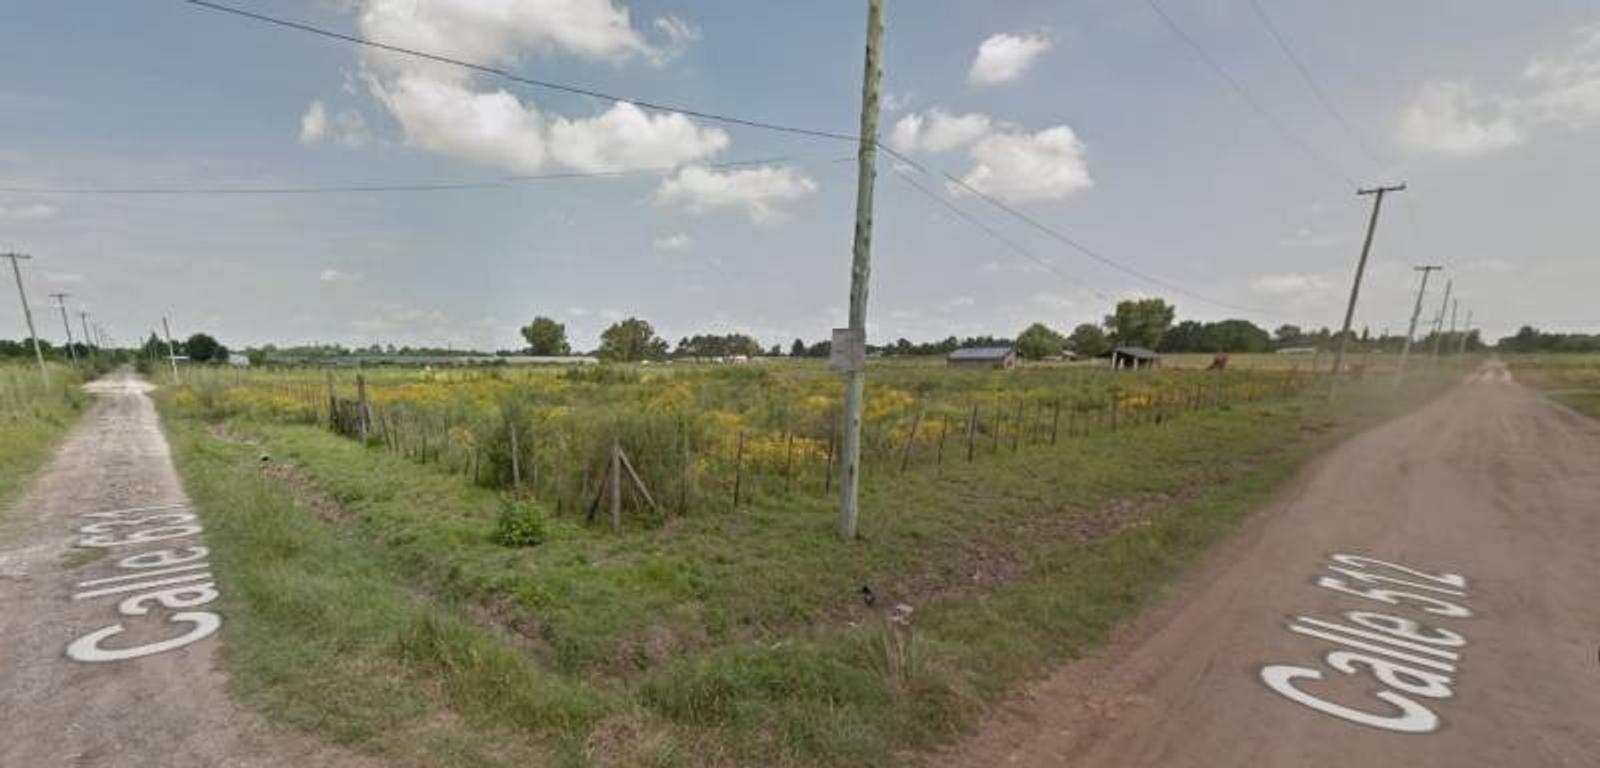 631 Y 512- El Pato- Importante fracción de terreno de 2000m2 APTO EMPRENDIMIENTO VARIAS FAMILIAS o